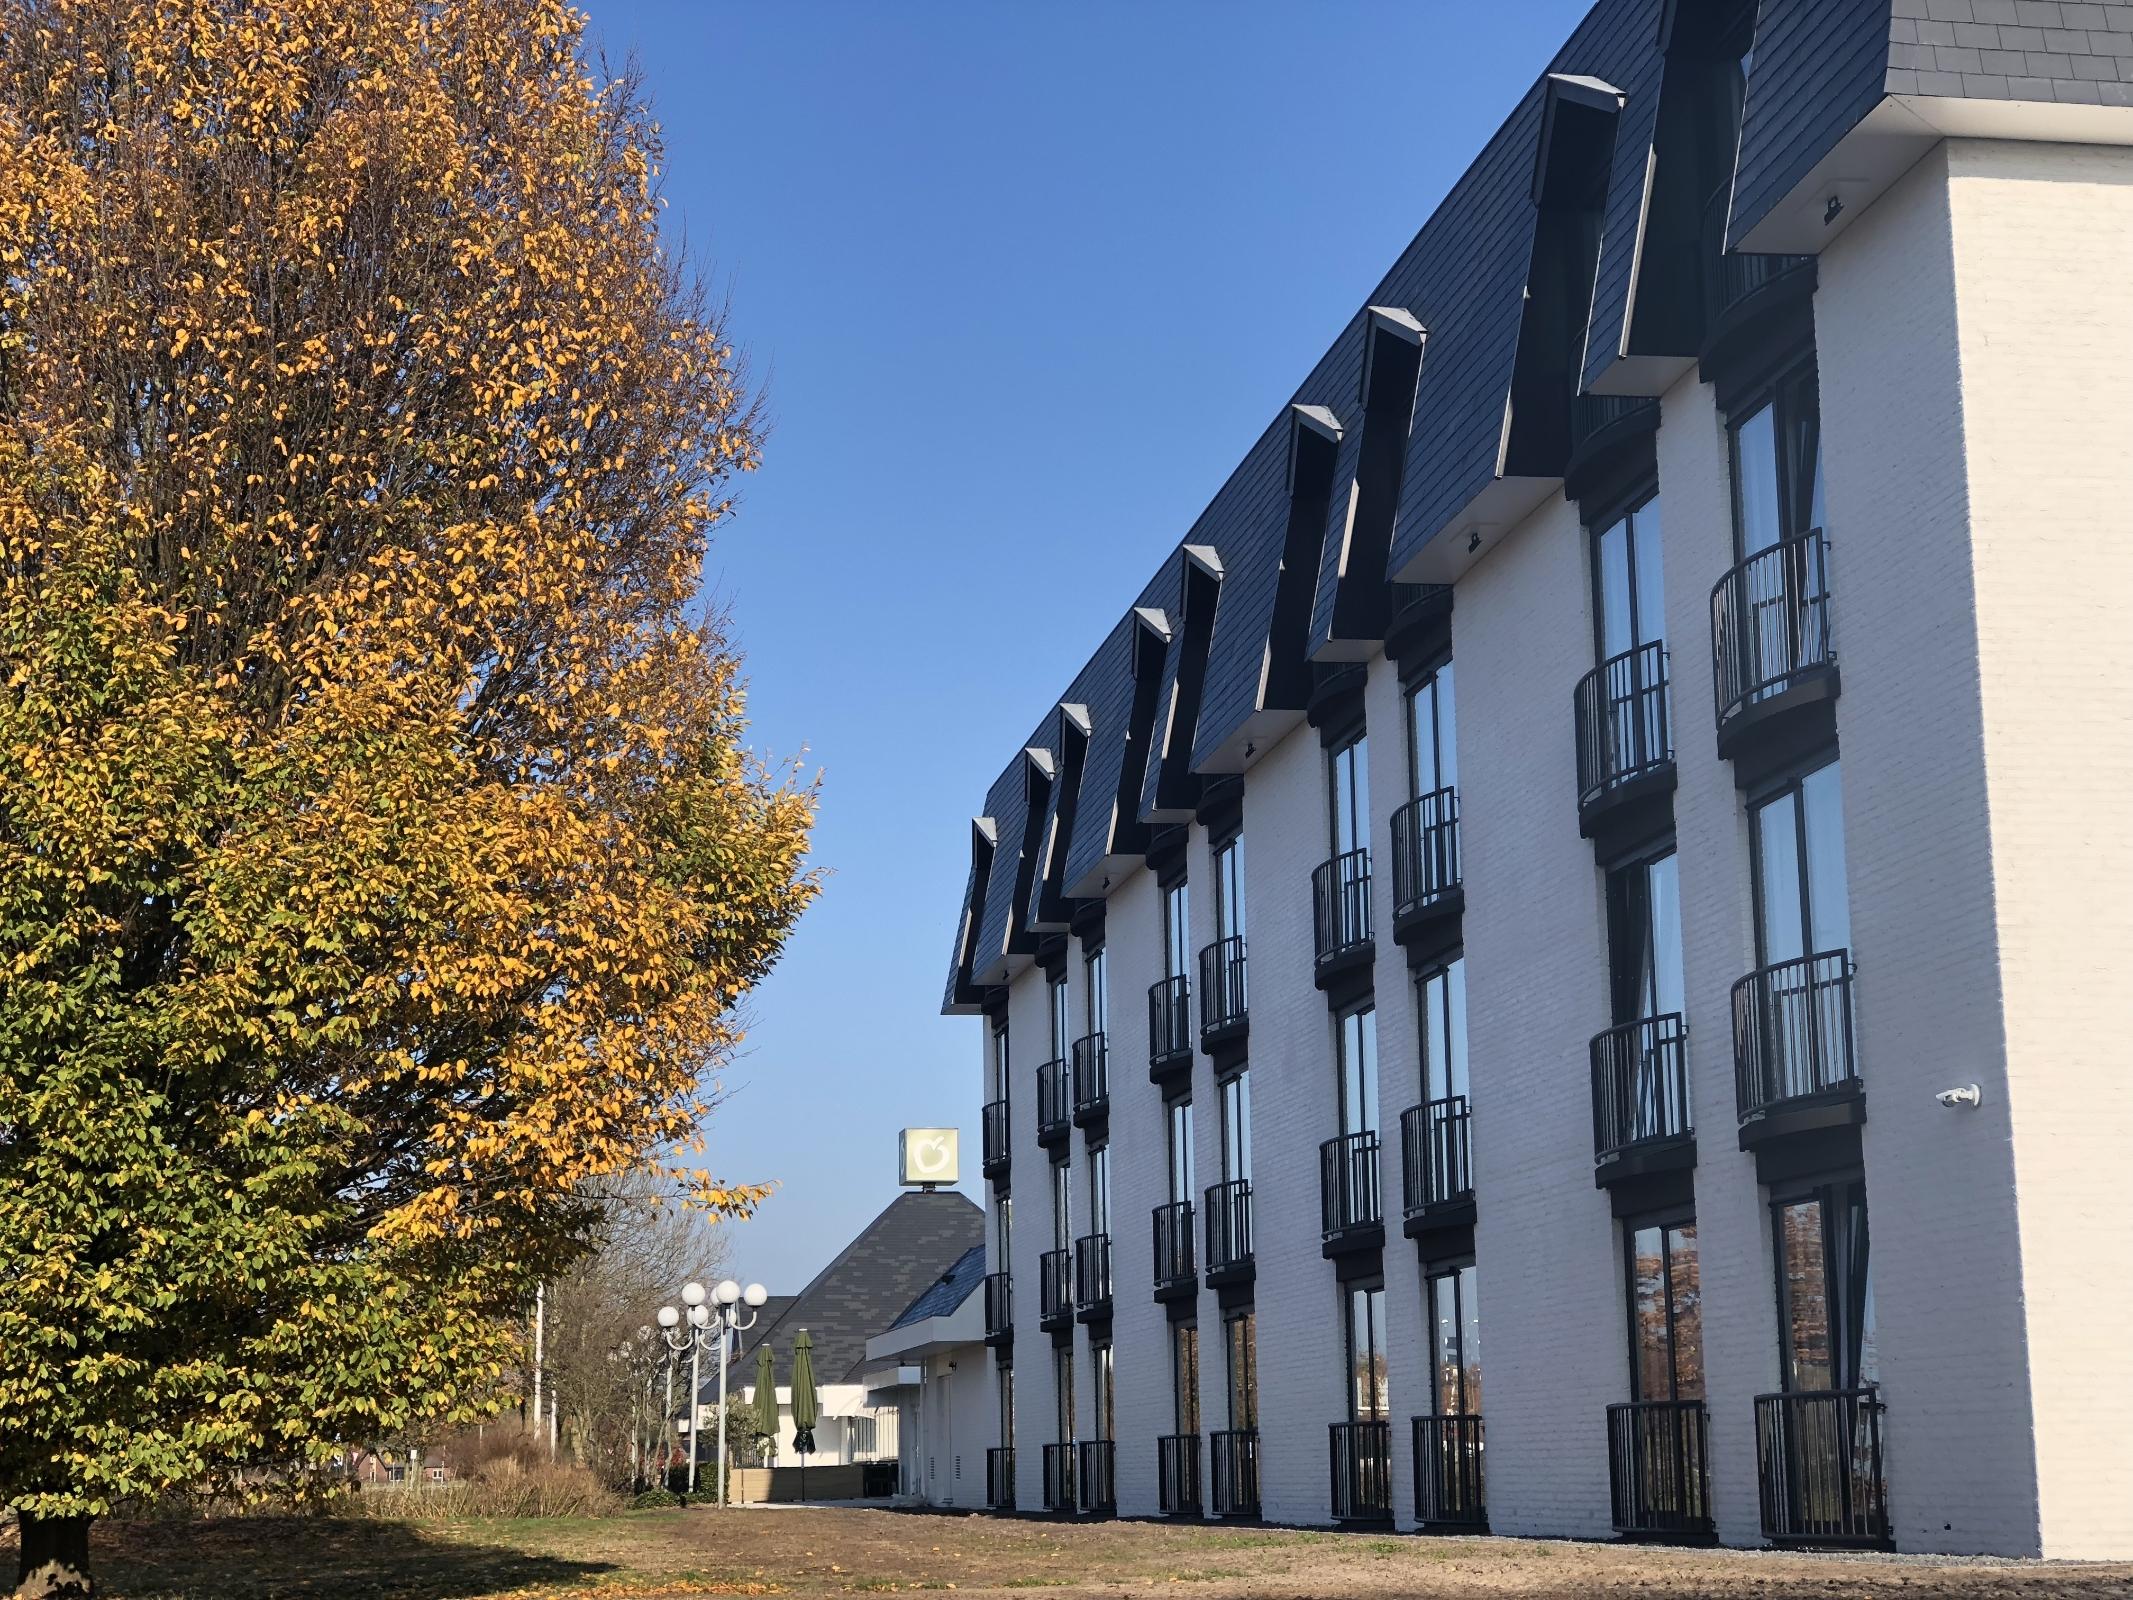 Gr8 Hotel Sevenum Horst aan de Maas Hotel outdoor area 1